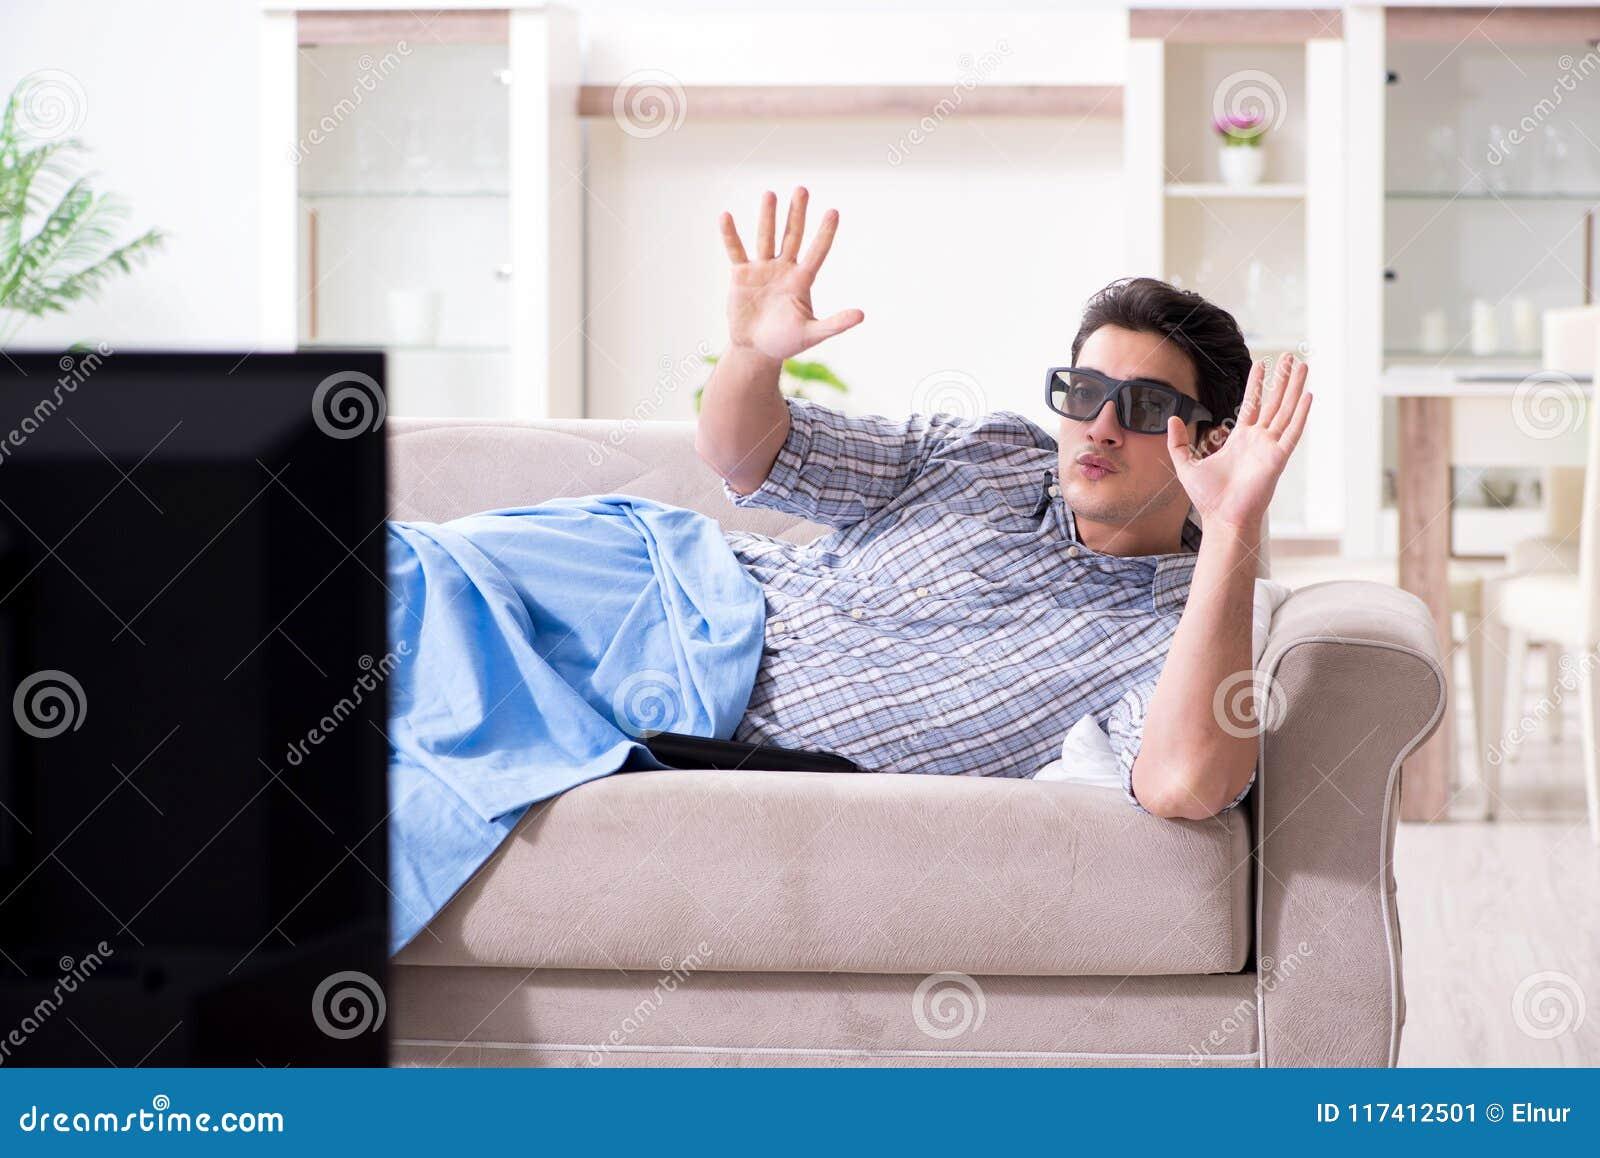 Mężczyzna ogląda 3d tv w domu